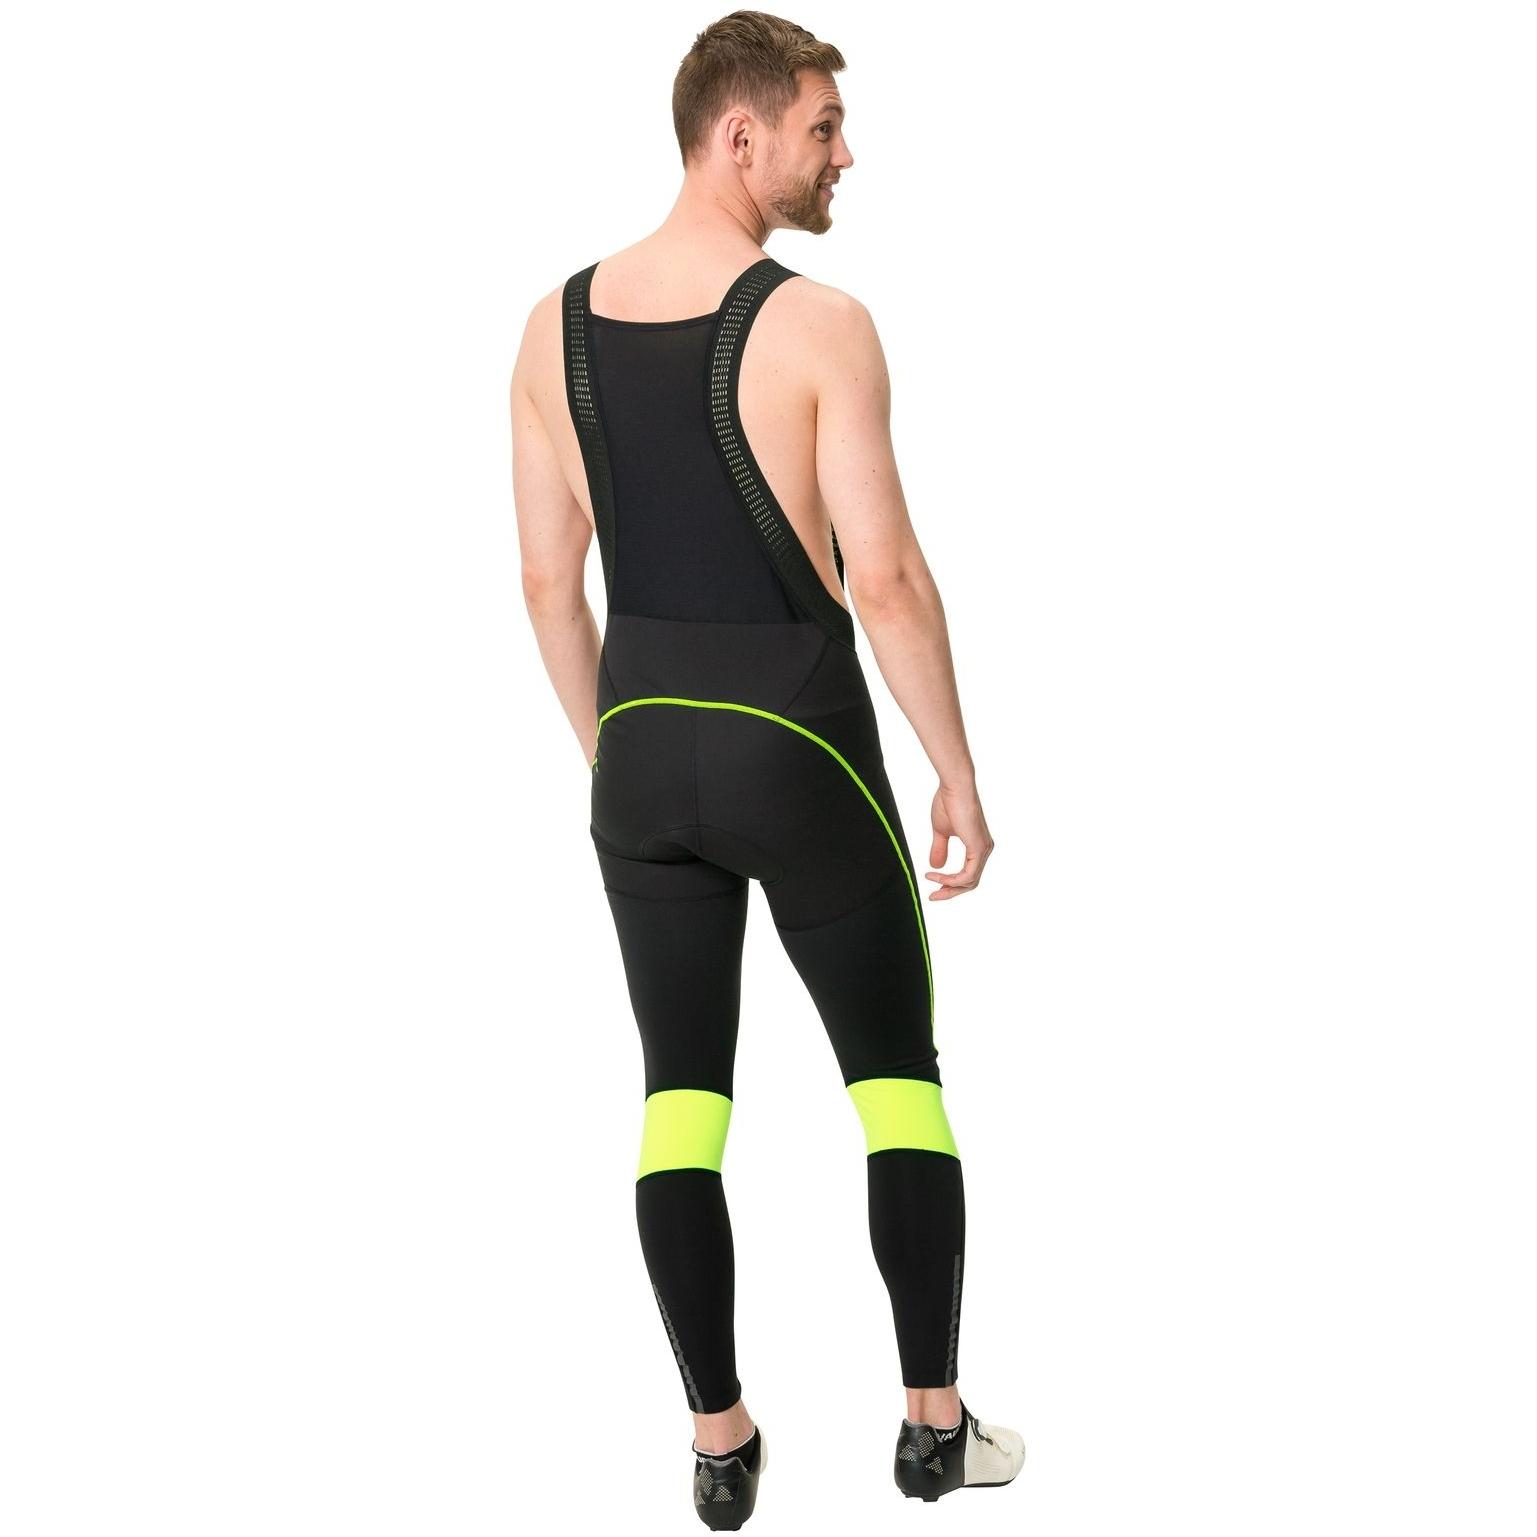 Image of Vaude Men's Kuro Warm Bib Tights - neon yellow